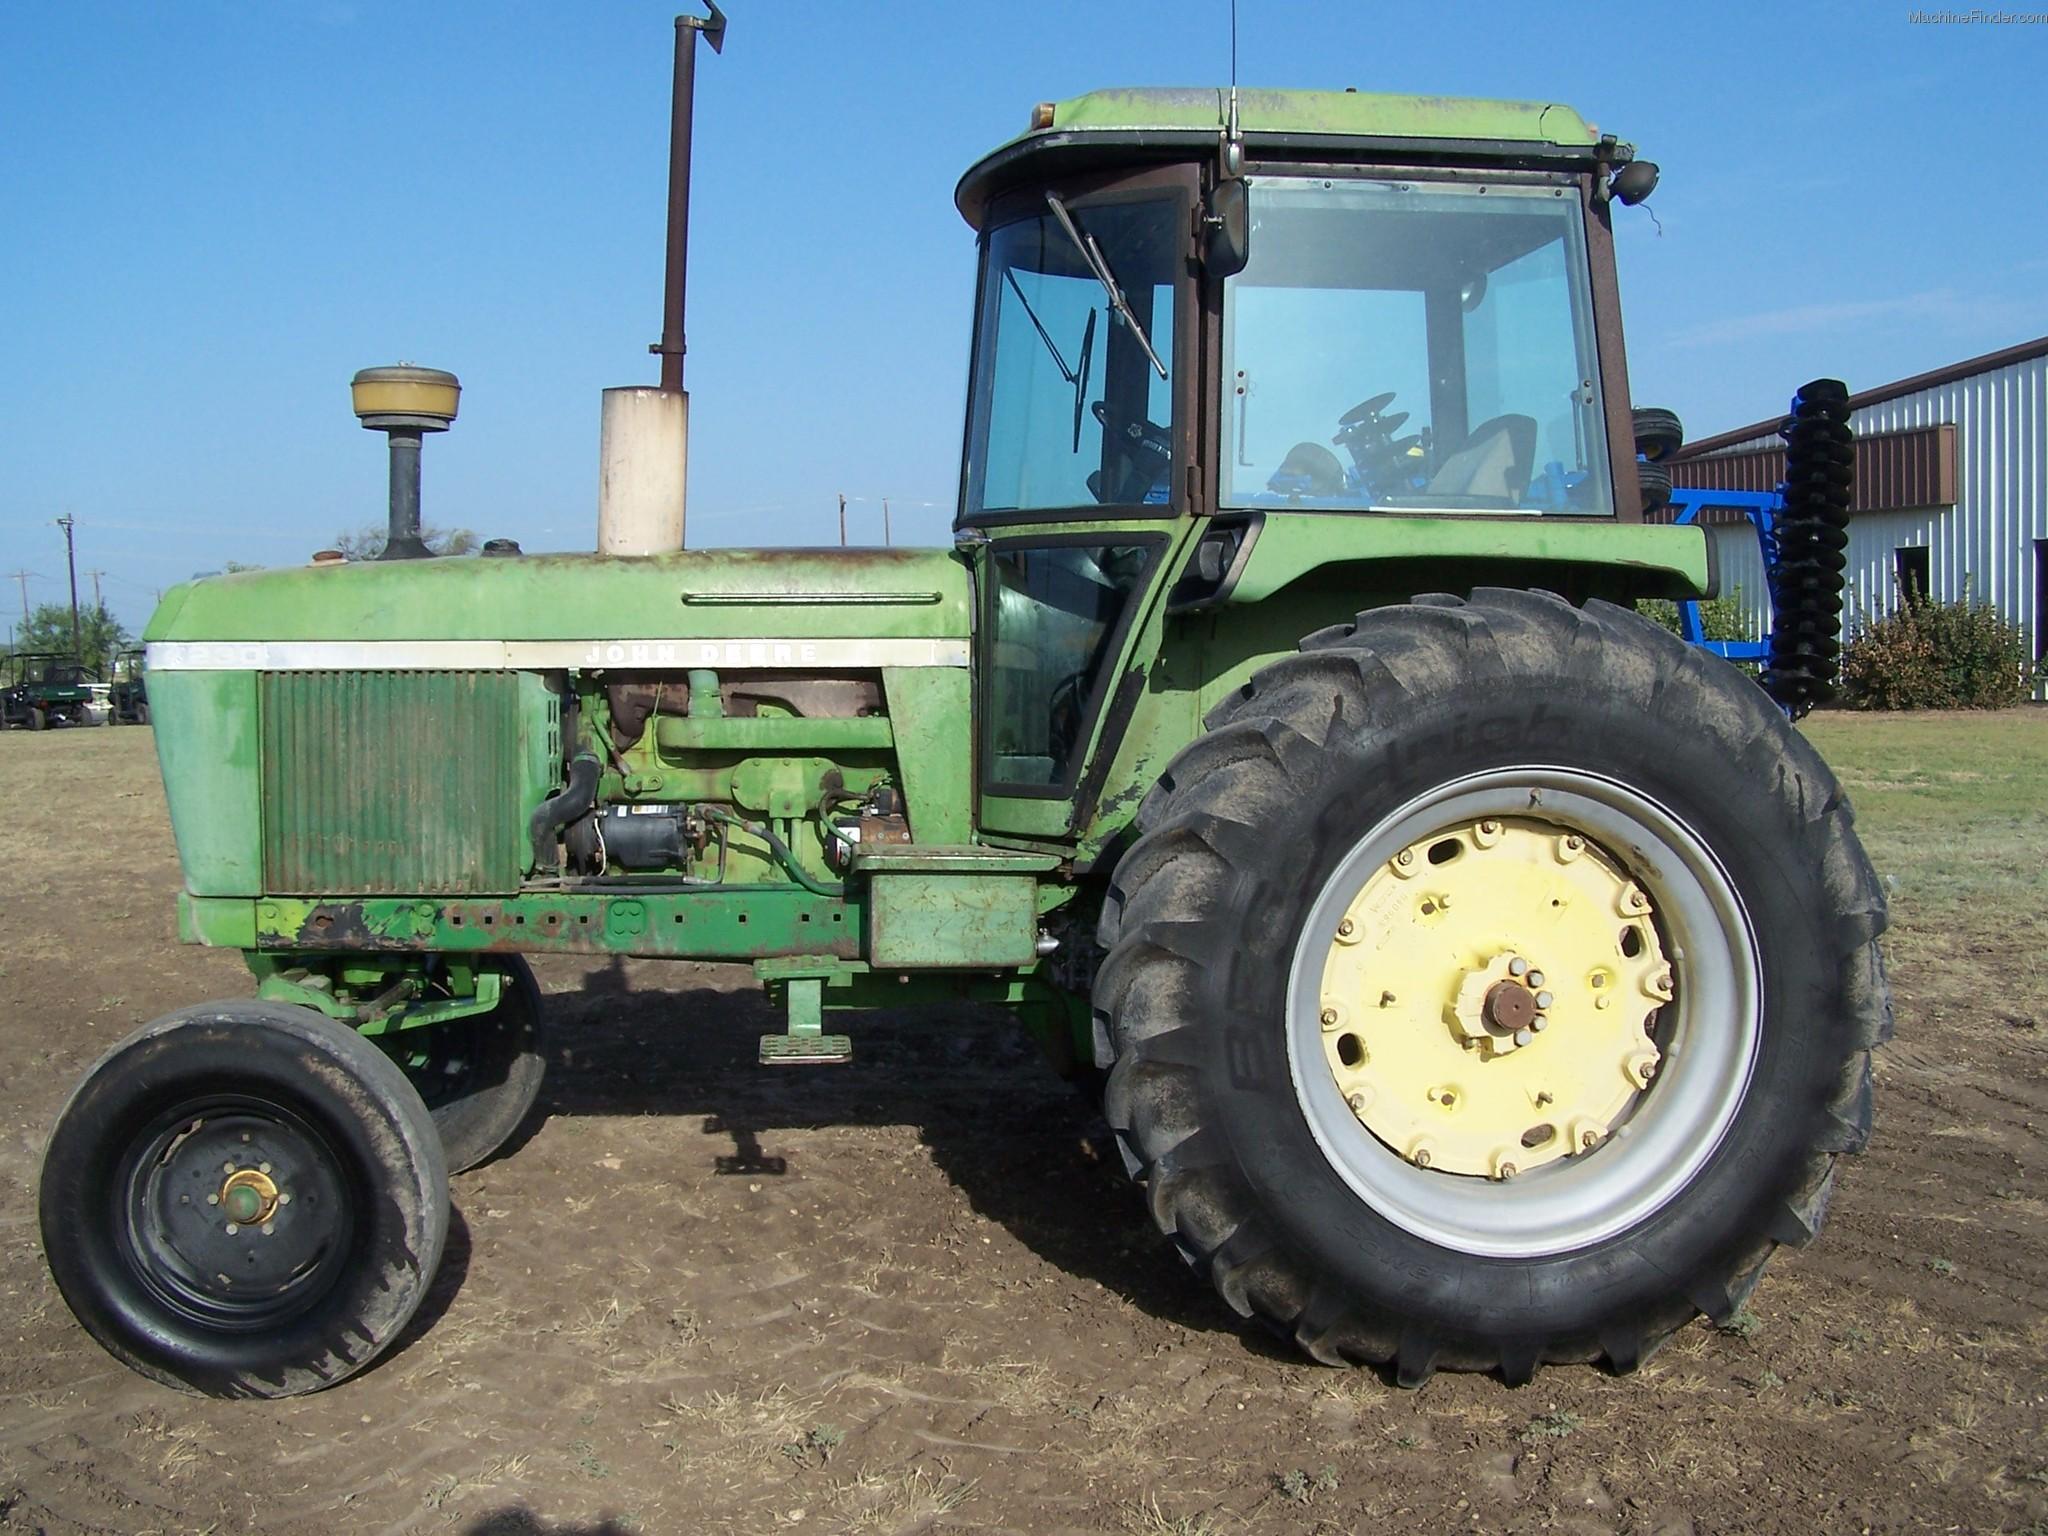 1975 John Deere 4230 Tractors - Row Crop (+100hp) - John ...